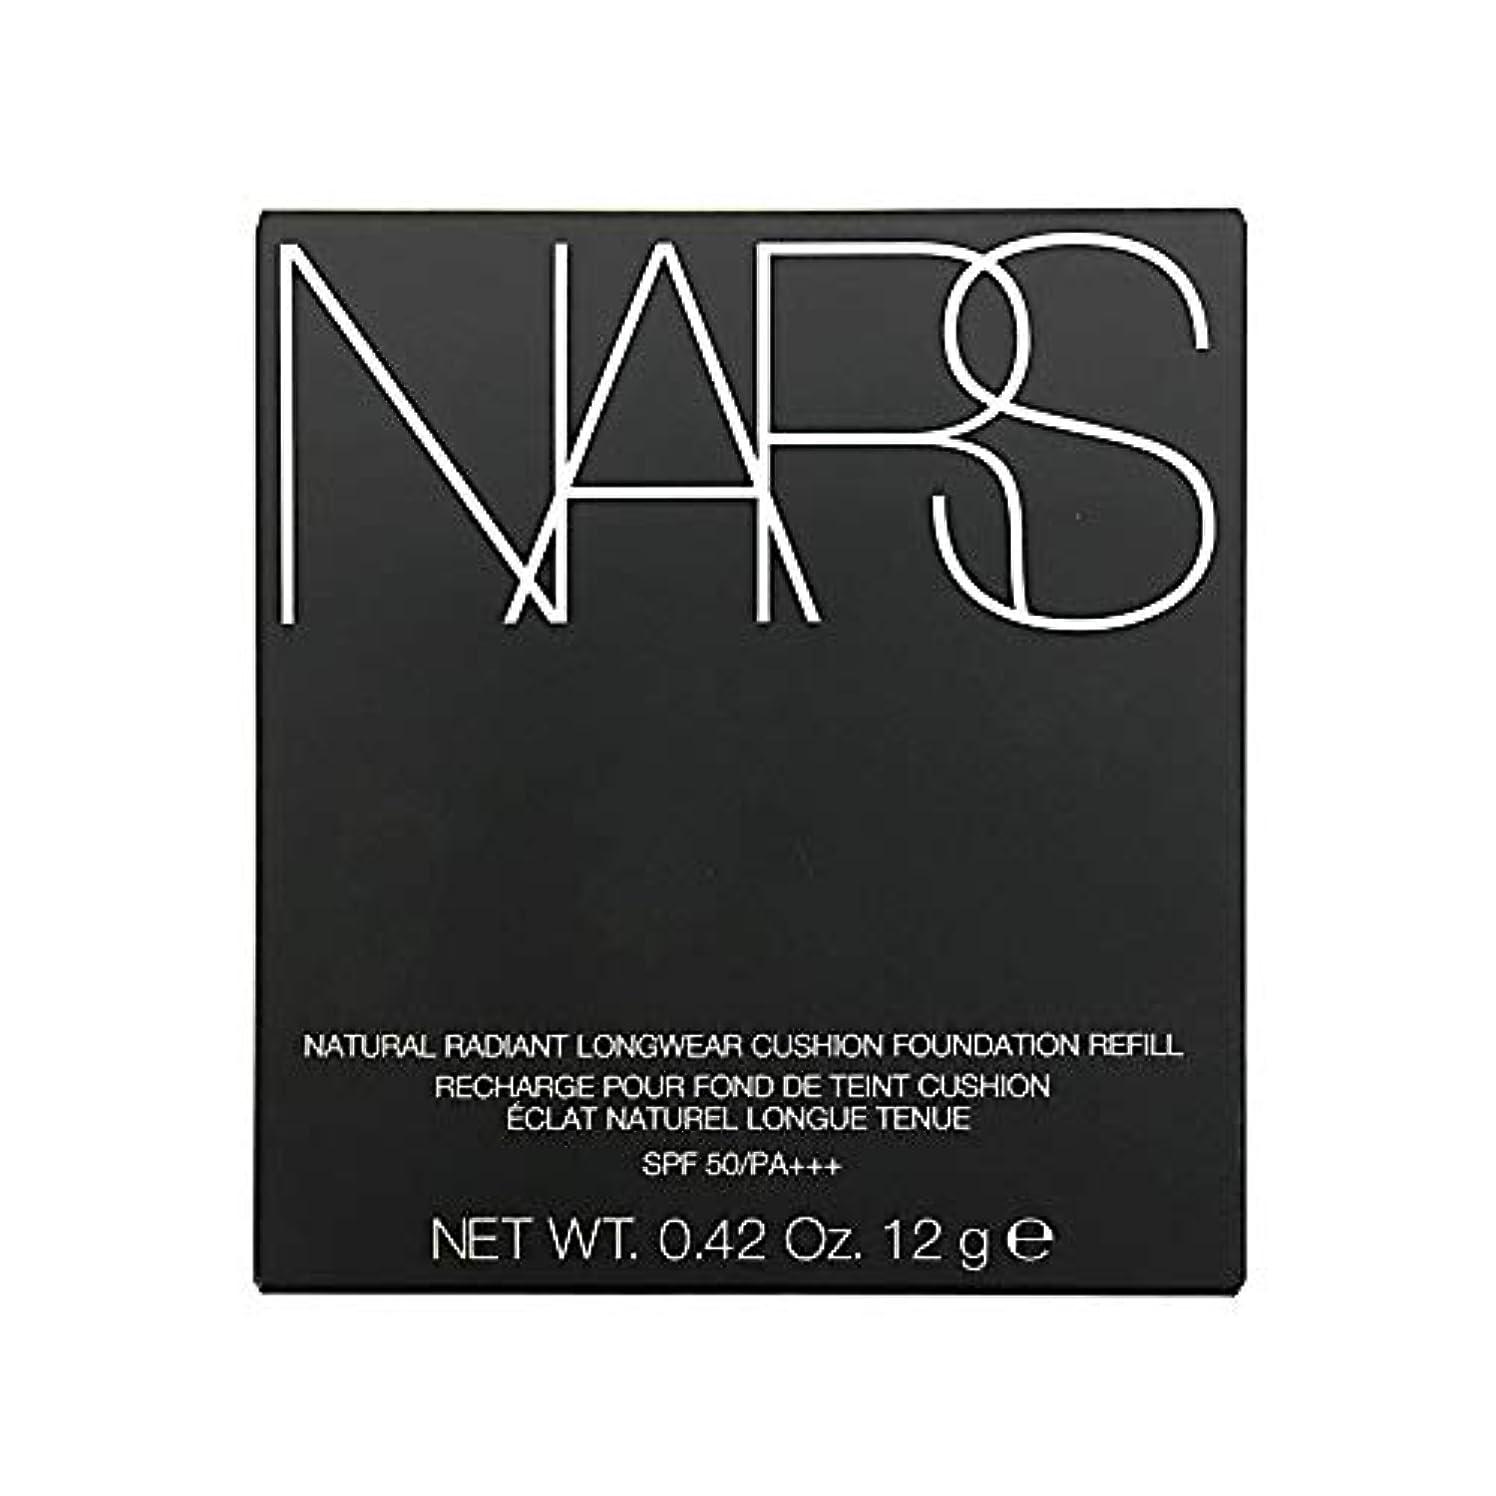 アクチュエータ見出しわなナーズ/NARS ナチュラルラディアント ロングウェア クッションファンデーション(レフィル)#5877 [ クッションファンデ ] [並行輸入品]